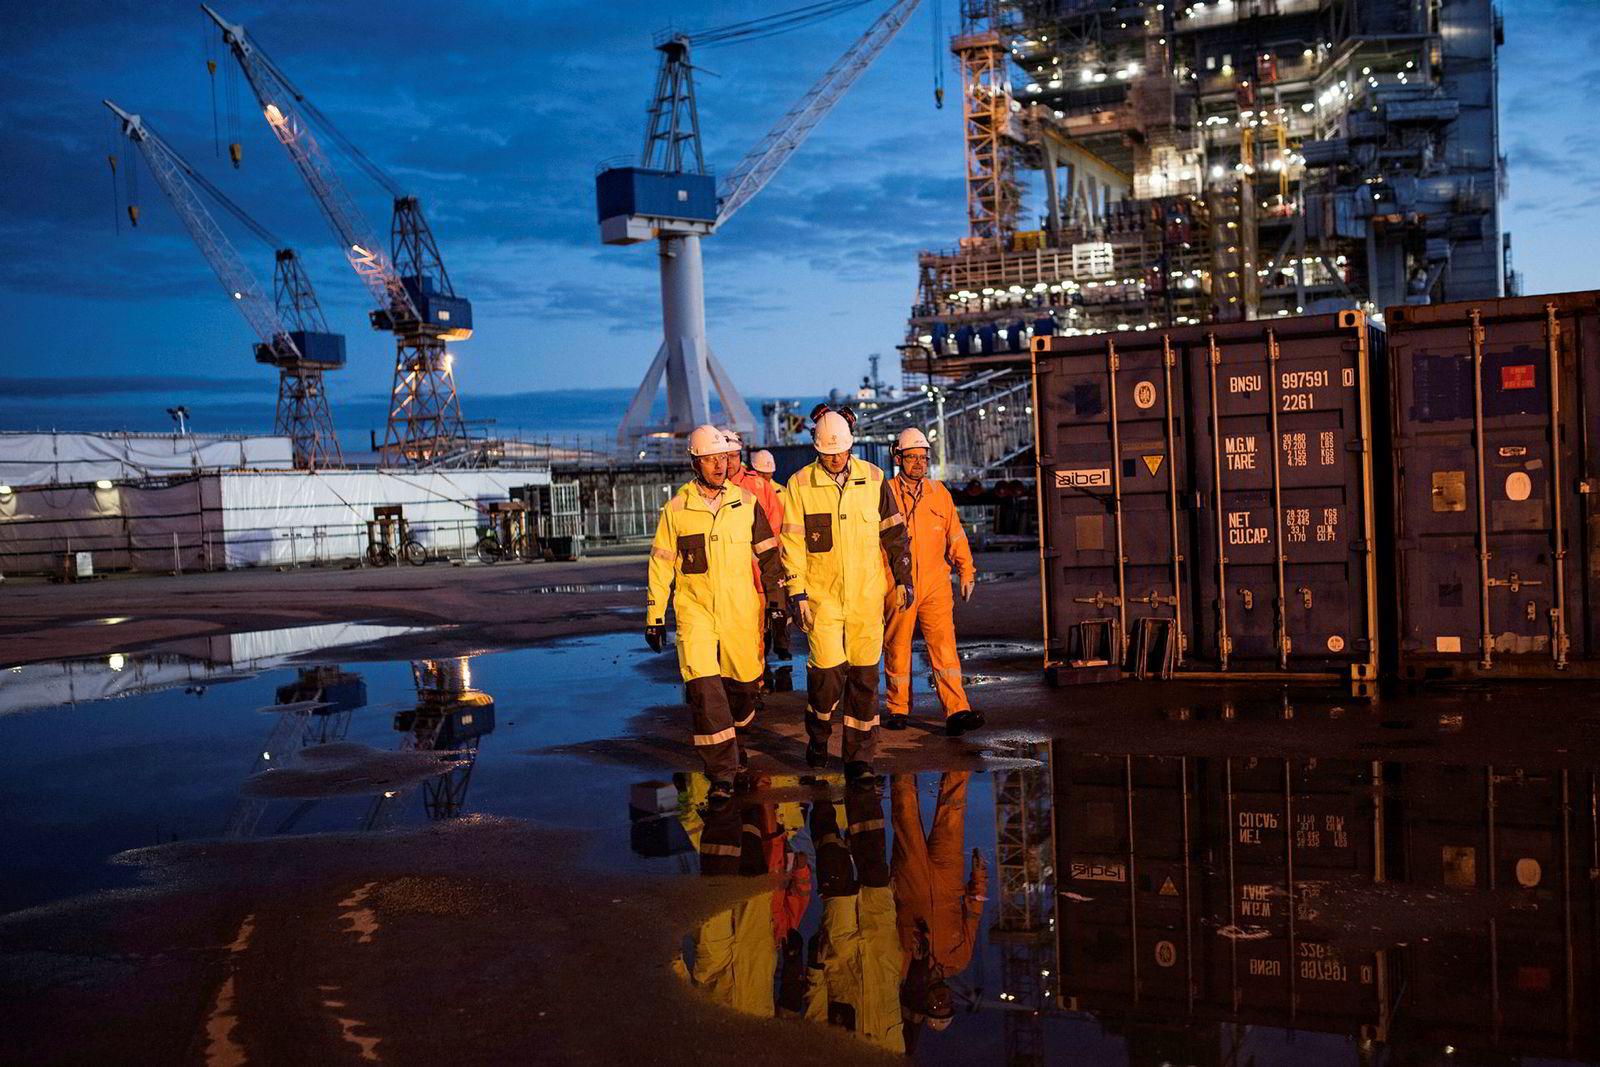 Stavanger, 4. januar 2018:Aibel-verftet i Haugesund var ansvarlig for byggingen av en av fire plattformer på feltet. Det sikret verftet arbeid midt under oljekrisen.